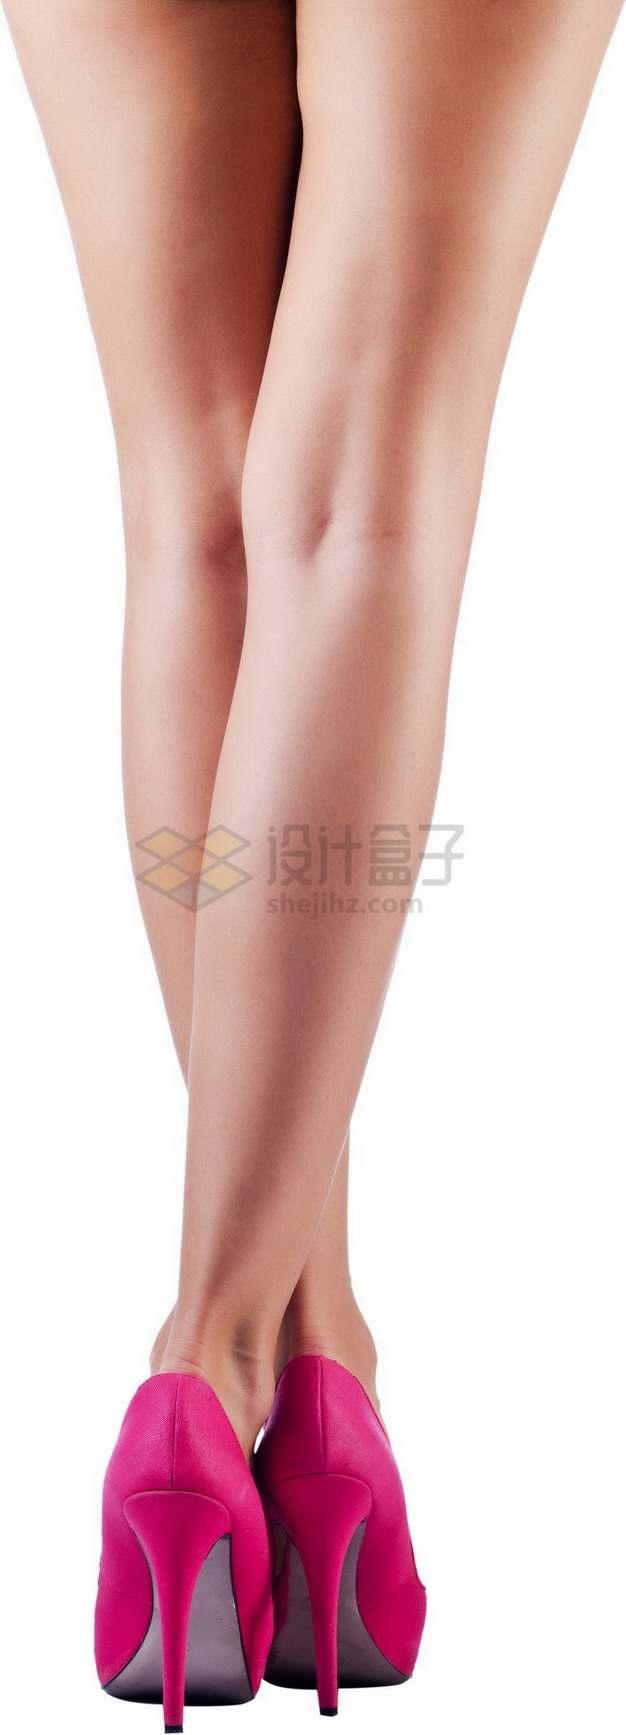 粉色高跟鞋美腿3765821png免抠图片素材